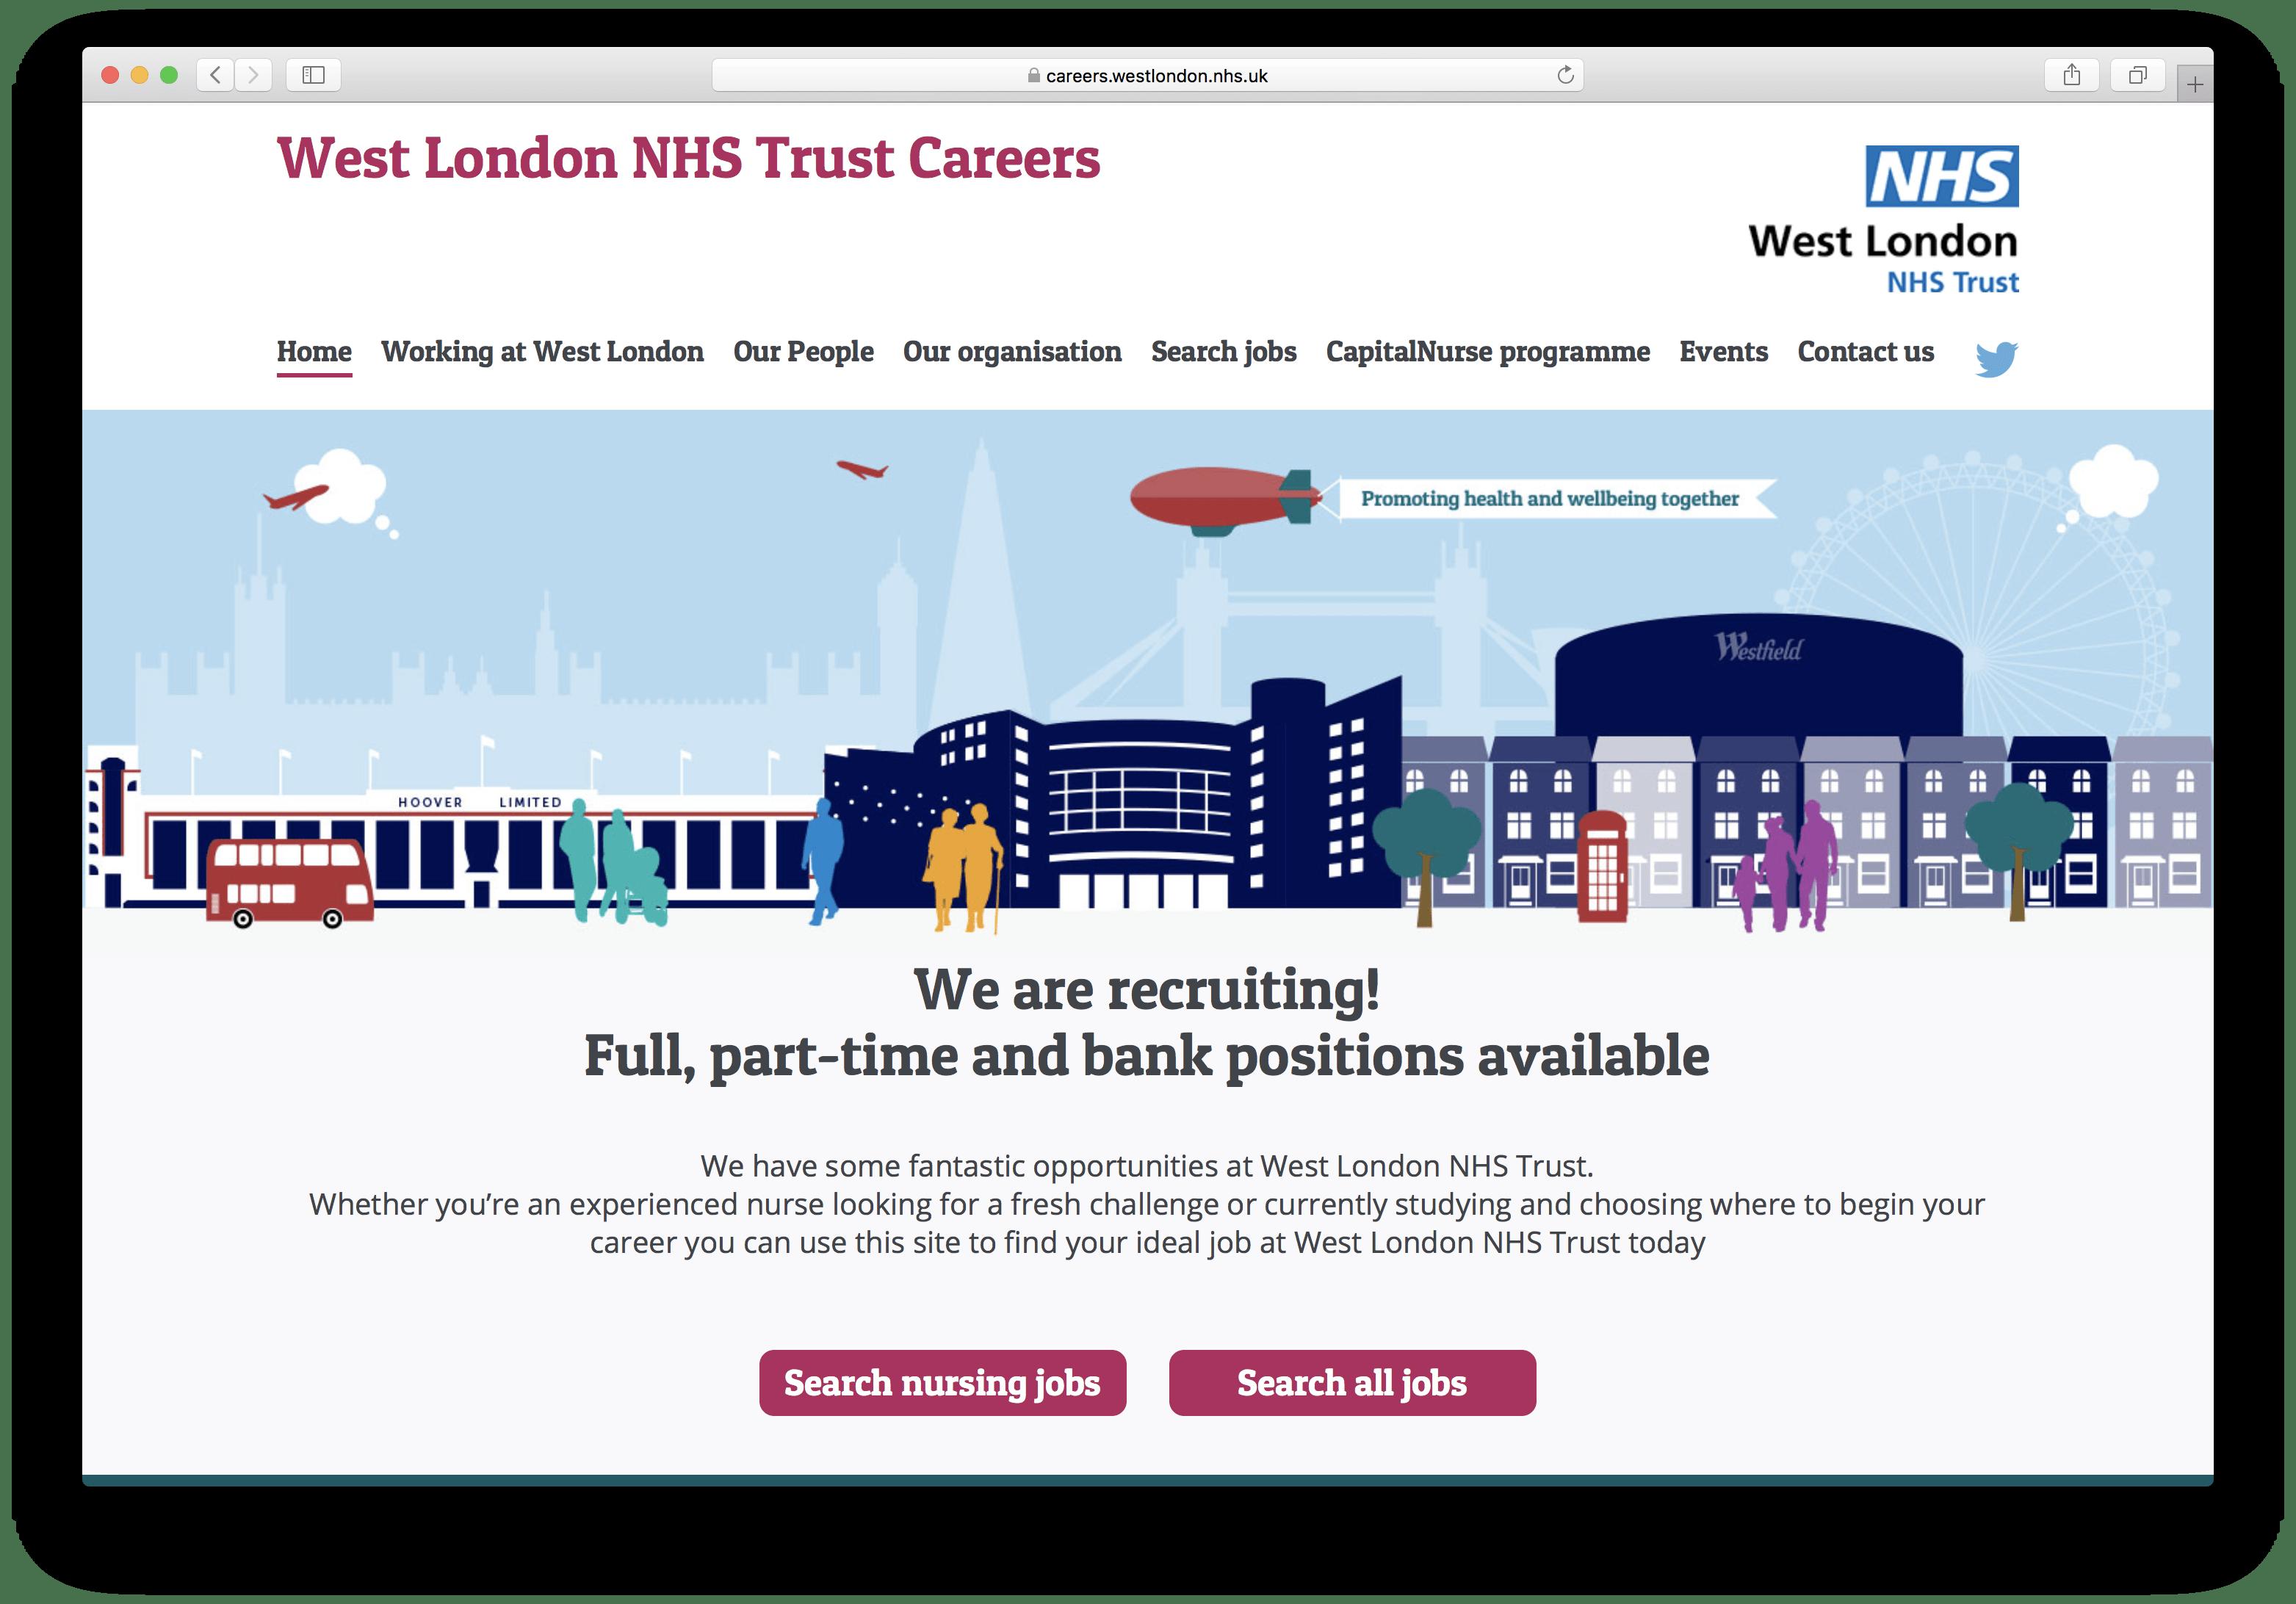 West London NHS Trust